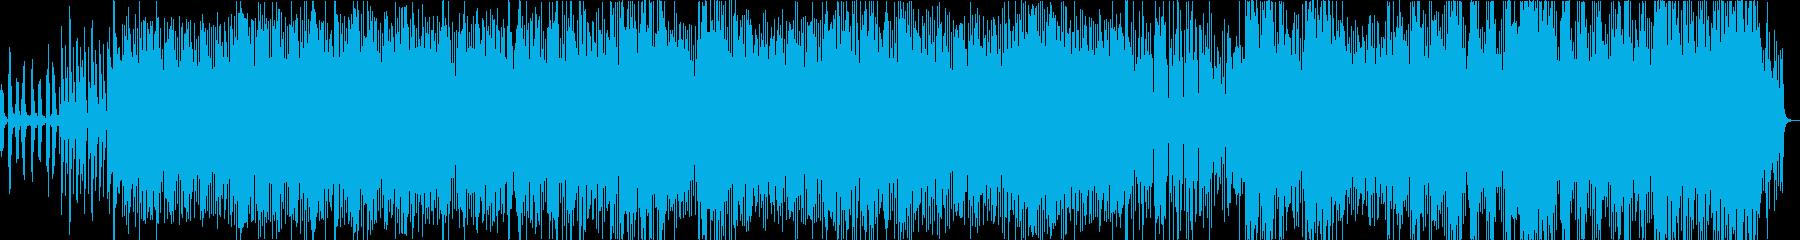 魅惑的なポップハウス曲の再生済みの波形